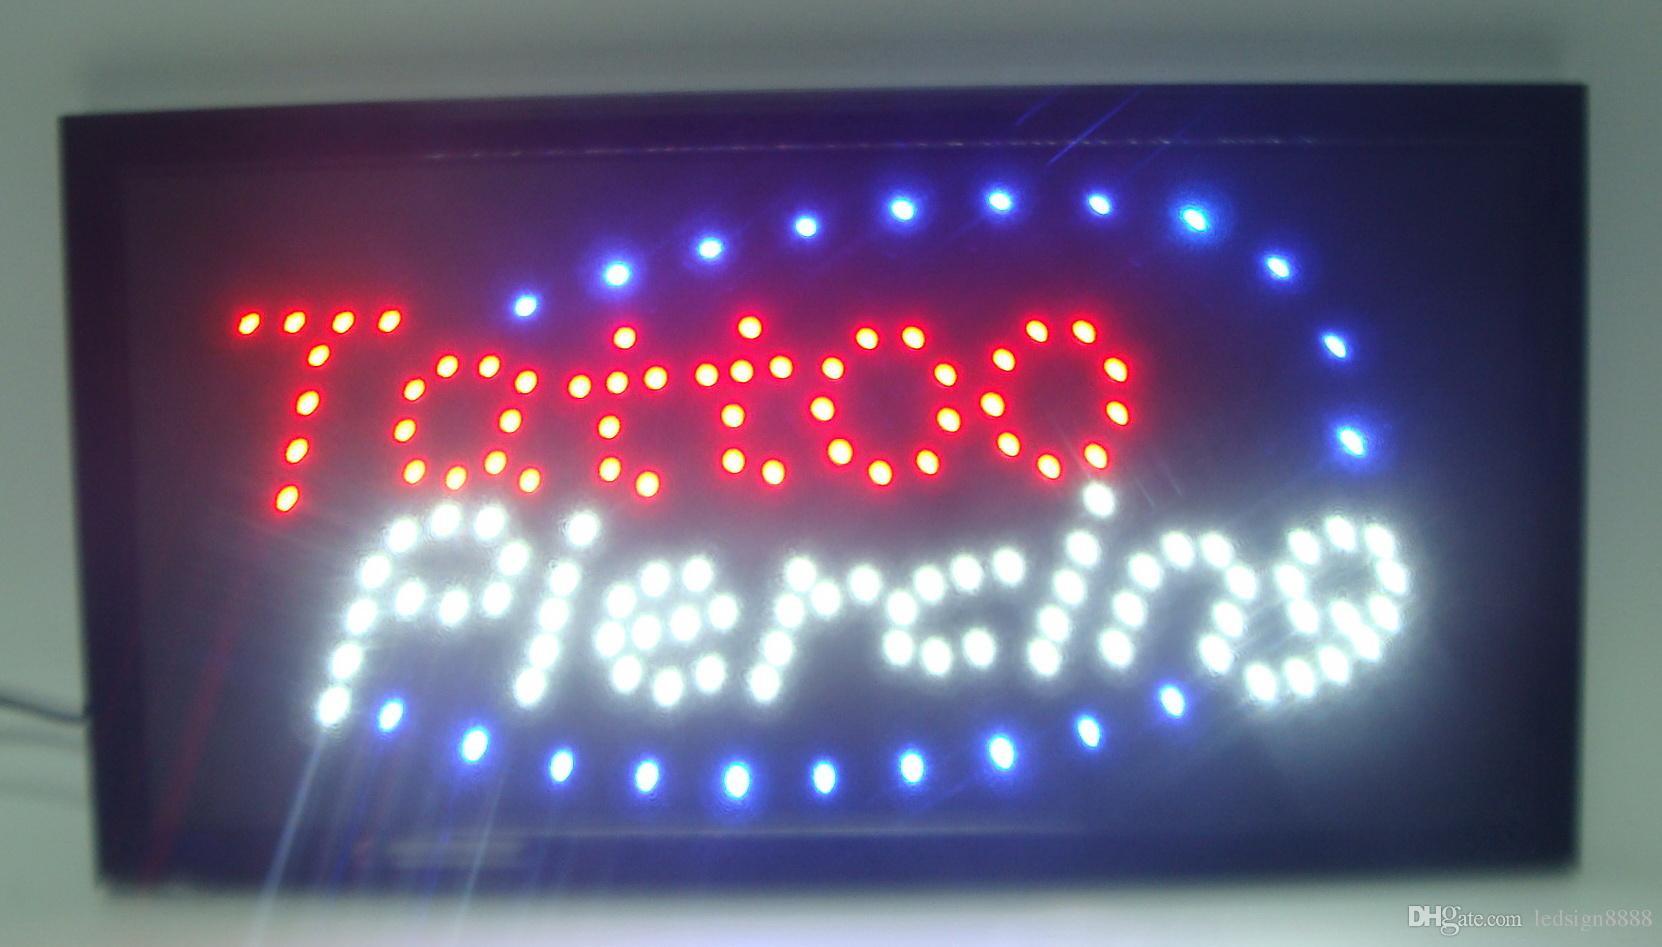 Herstellung 10x19 inch Semi-Outdoor Ultra Helles Lauf Tattoo Piercing Shop LED-Zeichen